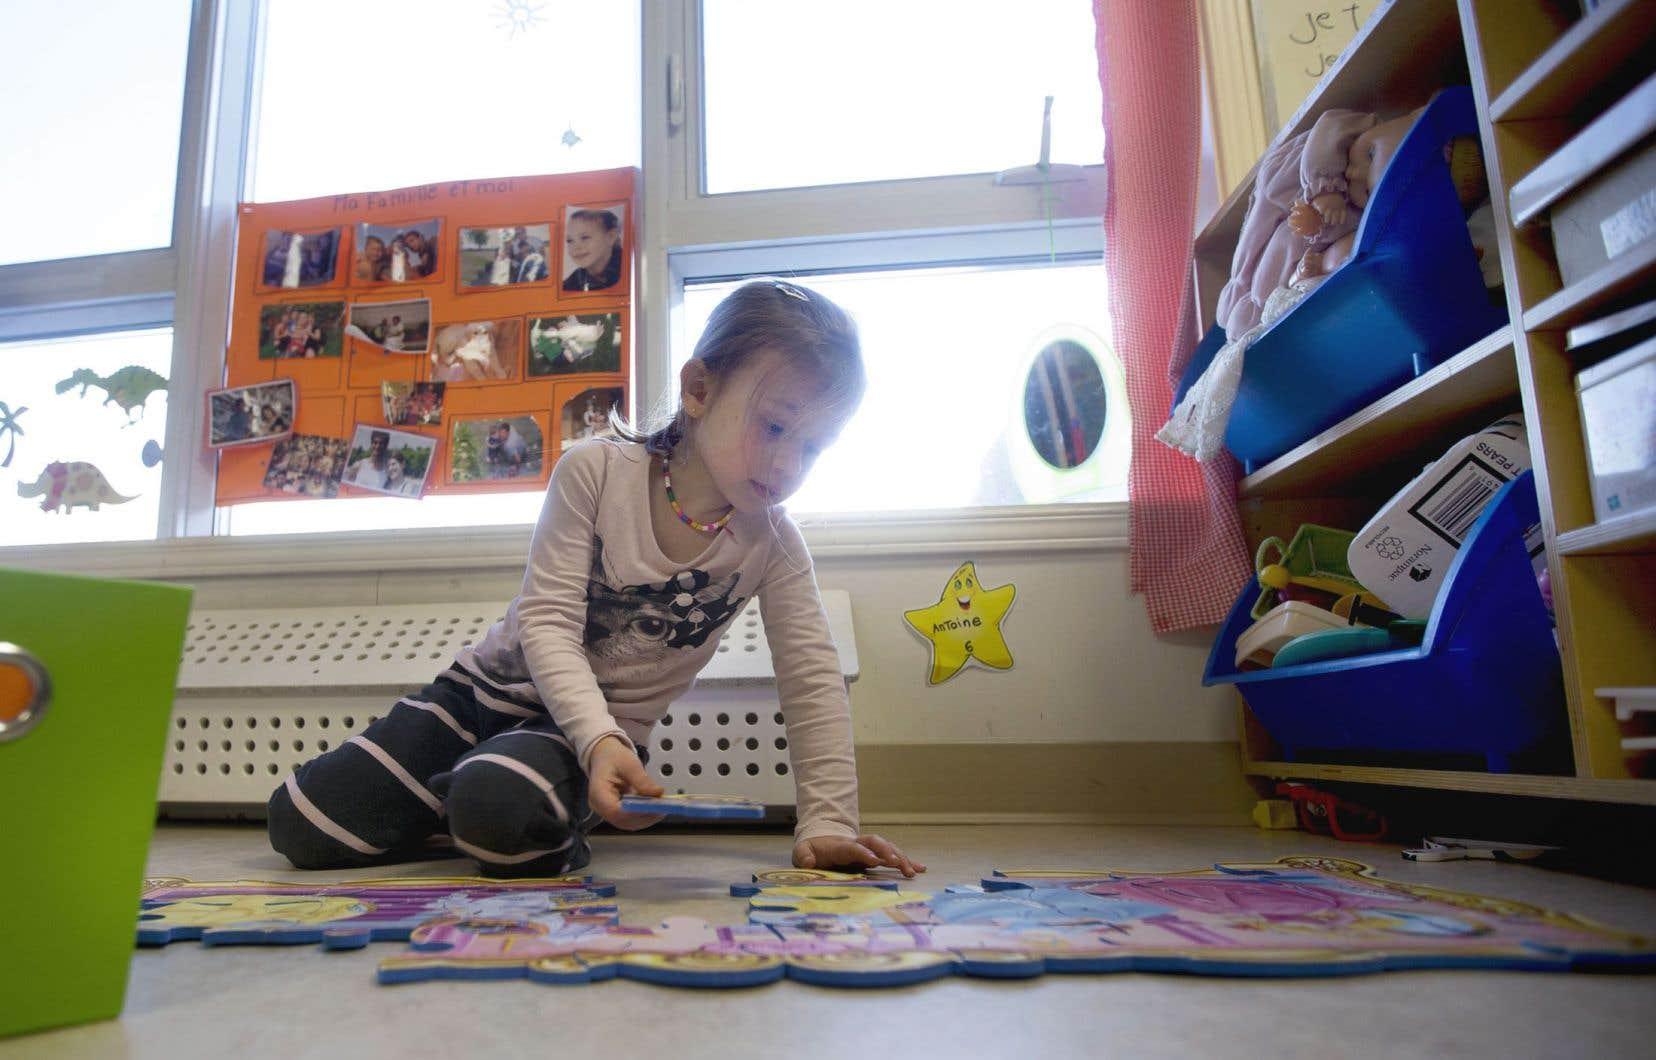 La mission d'un organisme comme Casiope est d'éclairer les éducatrices sur le développement de l'enfant, puisque ce sont elles qui le côtoient au quotidien.